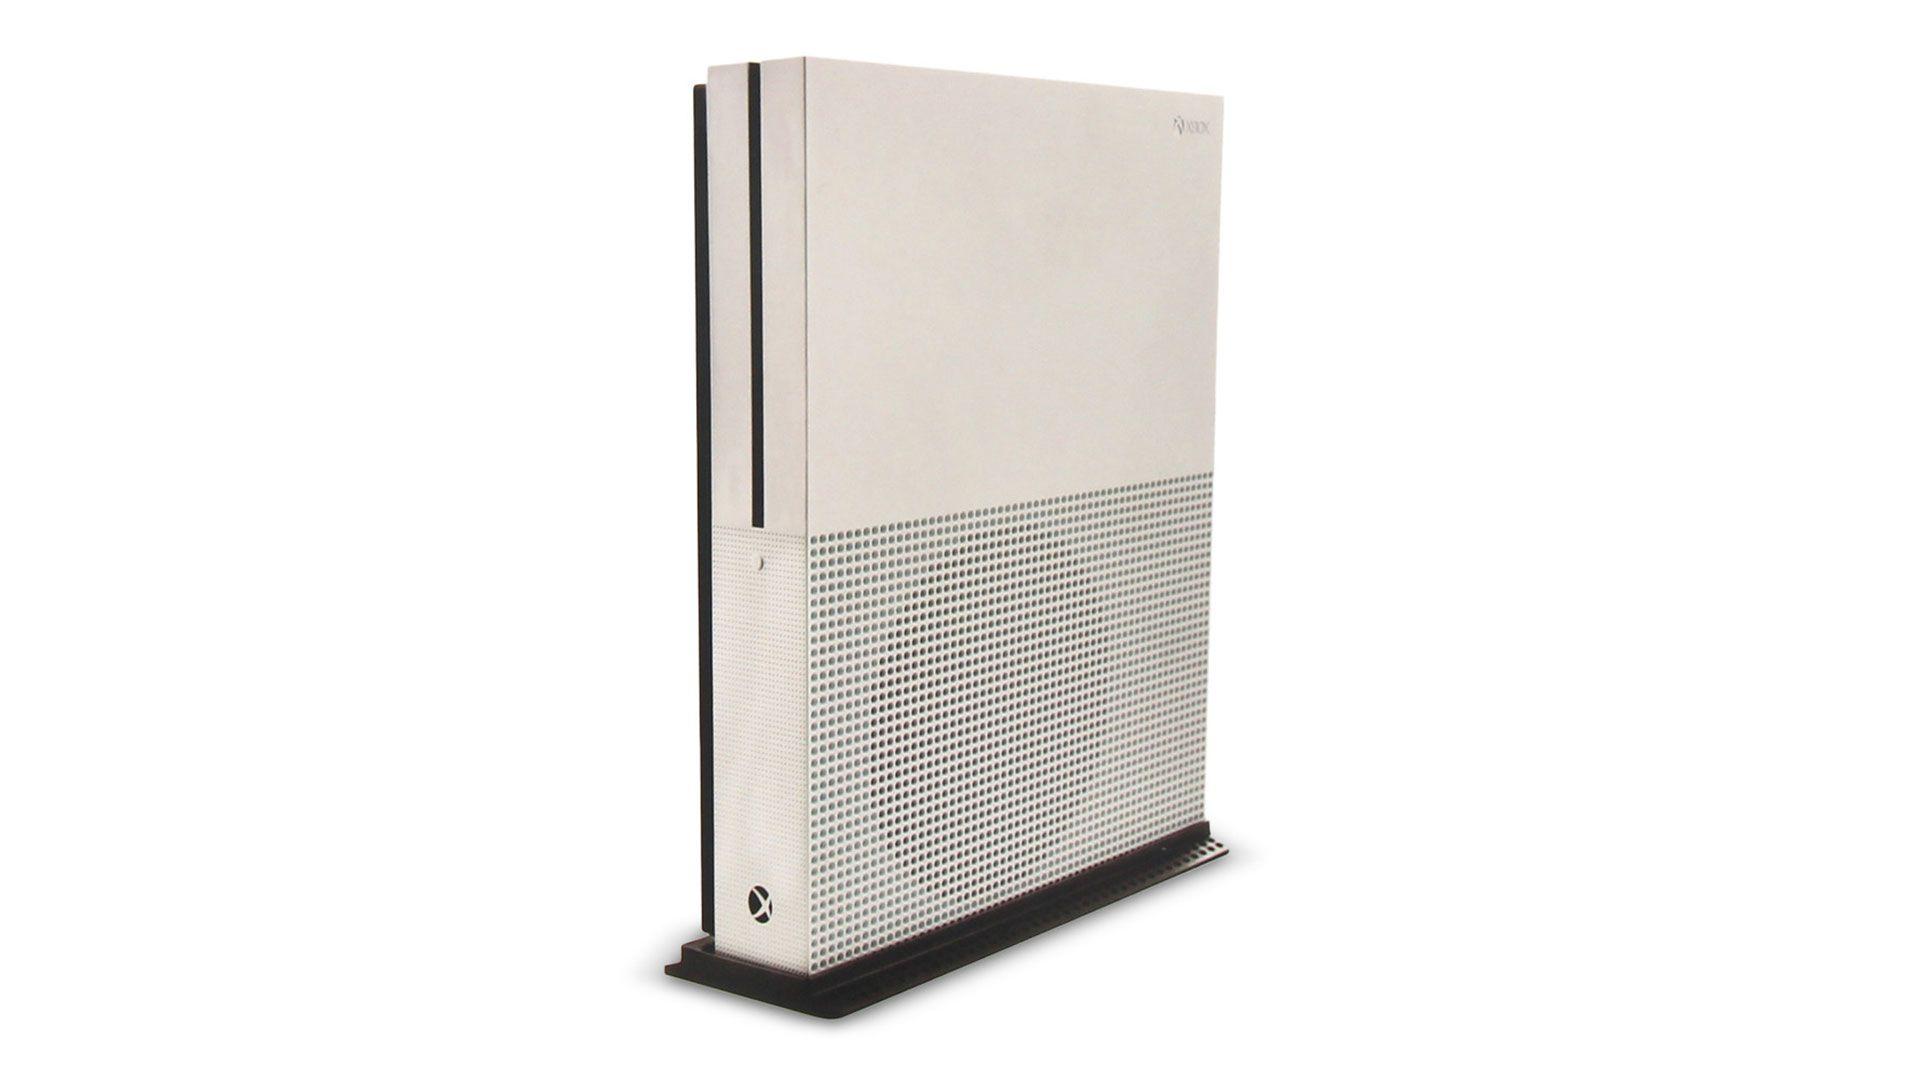 Вертикальный стенд для XBox One S изображение 2